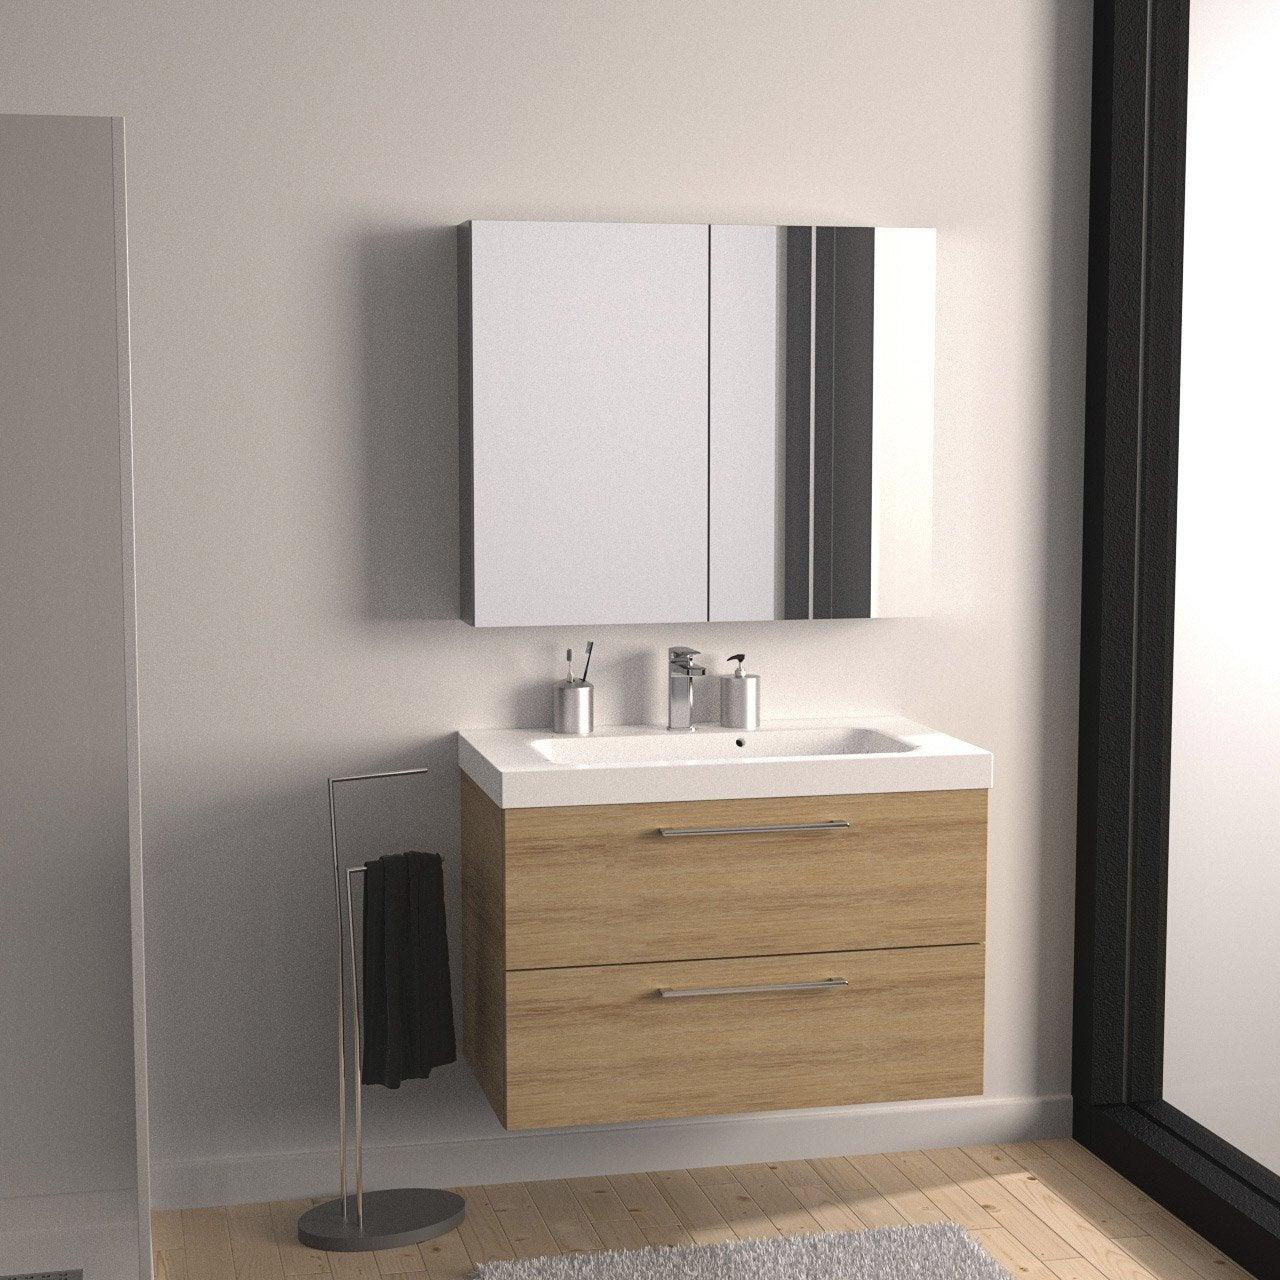 meuble de salle de bains de 80 99 brun marron remix leroy merlin - Prise Pour Salle De Bain Couleur Marron